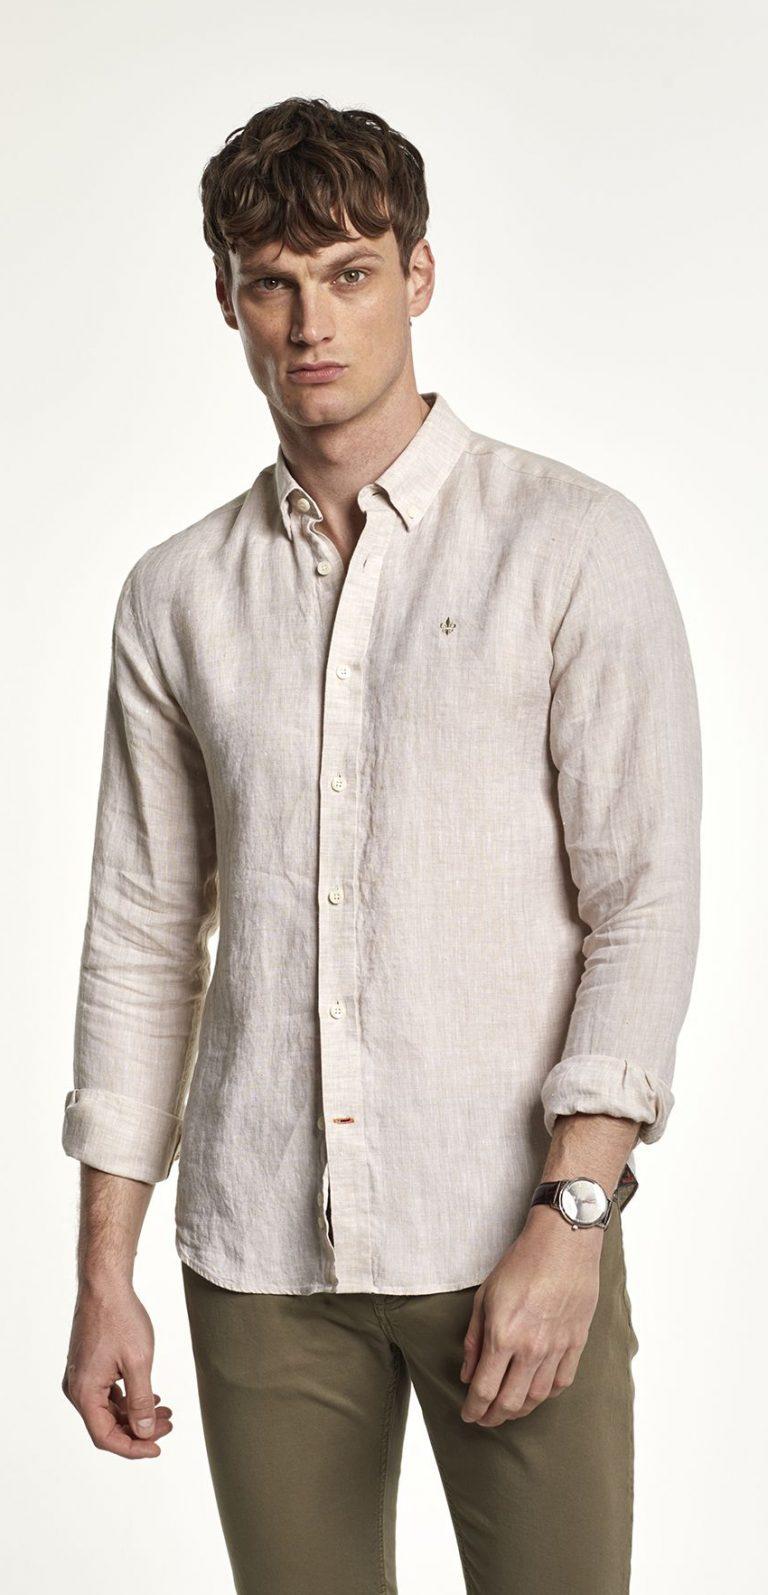 801395_douglas-linen-shirt_06-khaki_f_large